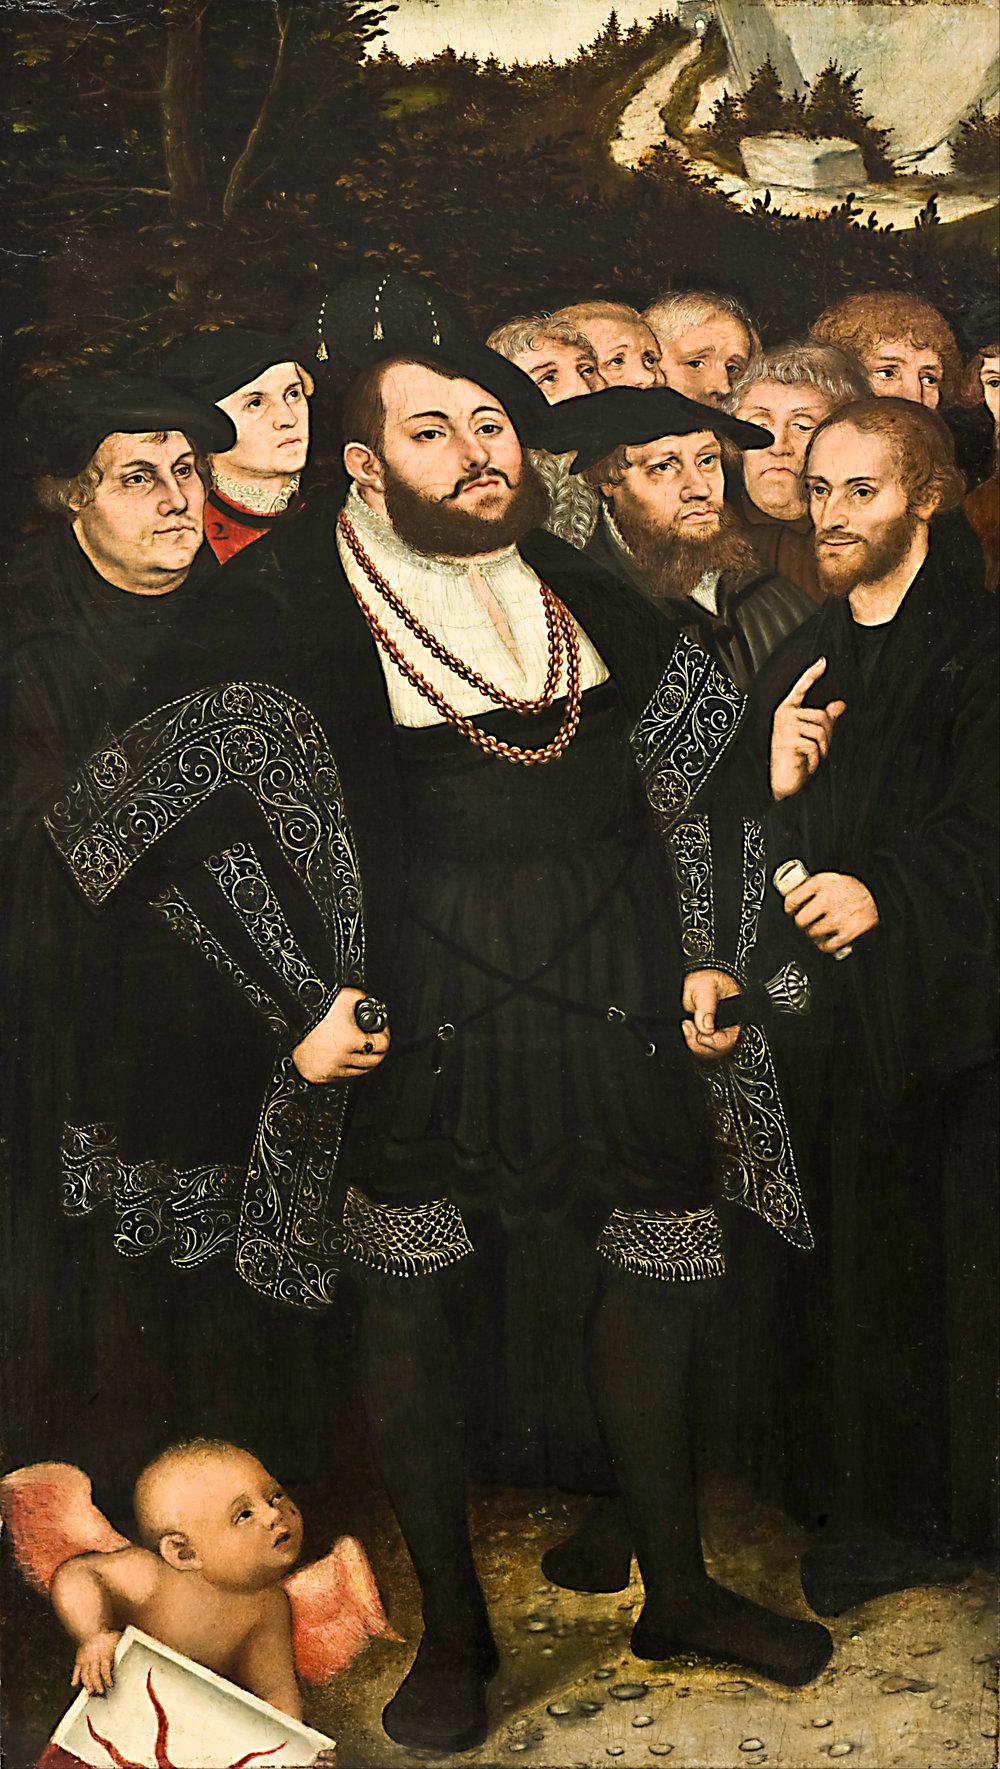 Martín Lutero y los reformadores de Wittenberg, de Lucas Cranach el Joven, circa  1543